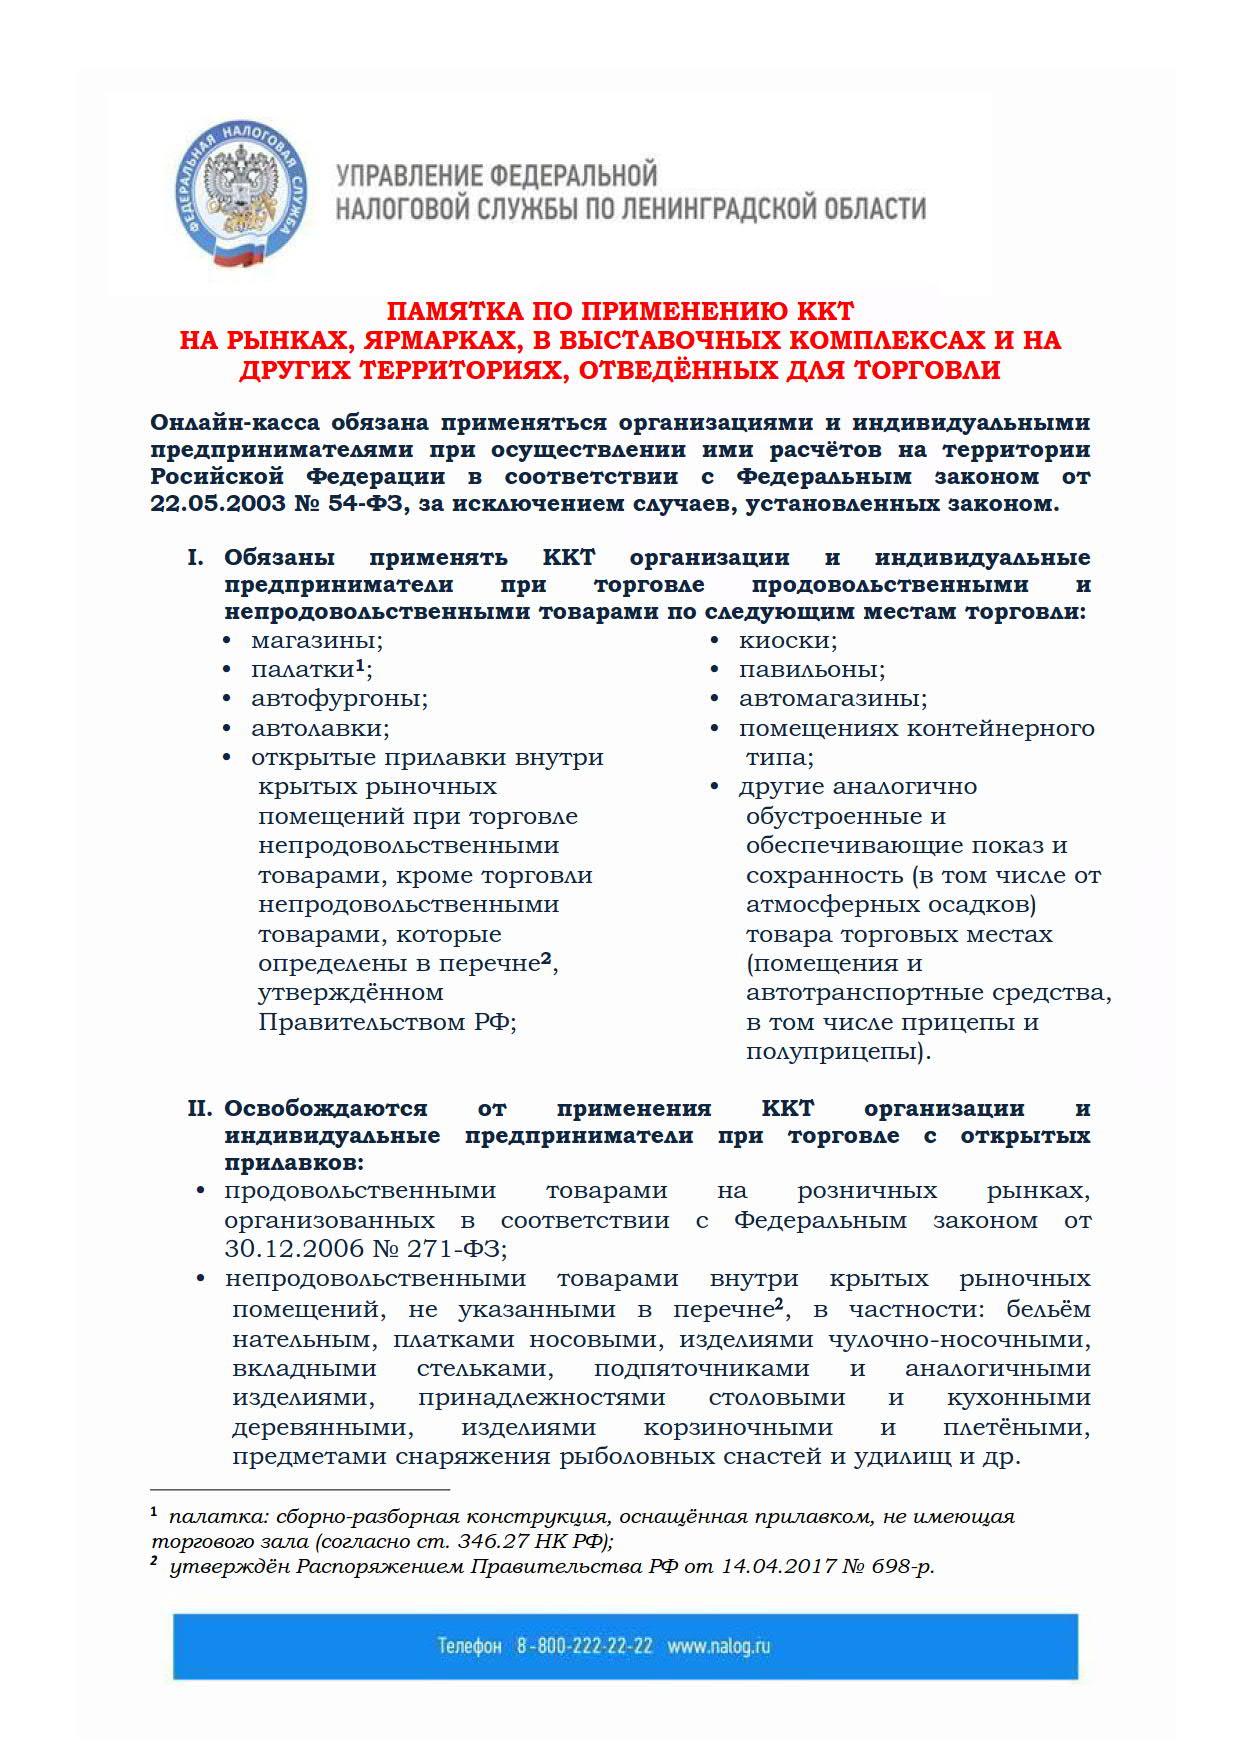 ККТ21_плк_рынки_утвA3_1